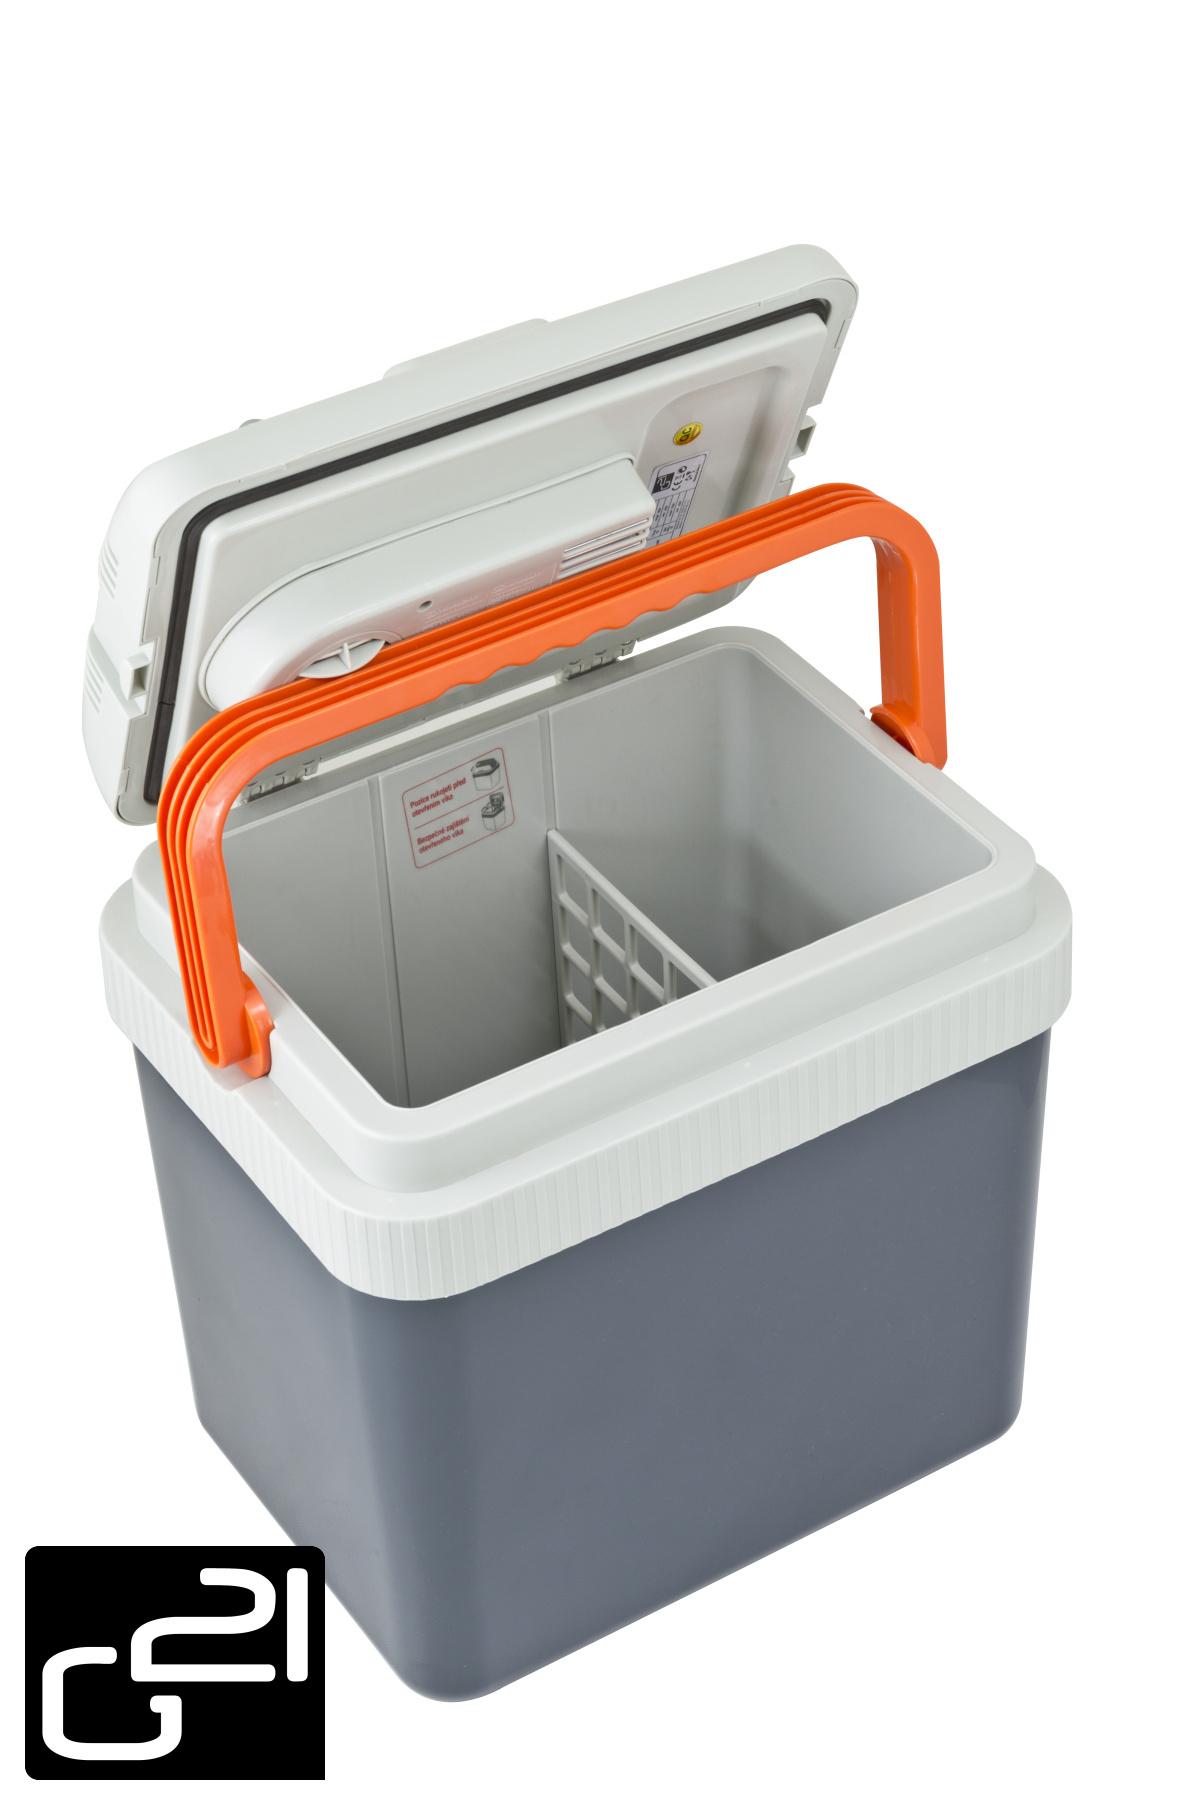 Autochladnička G21 C&W 24 l, 12/240 V + doprava zdarma